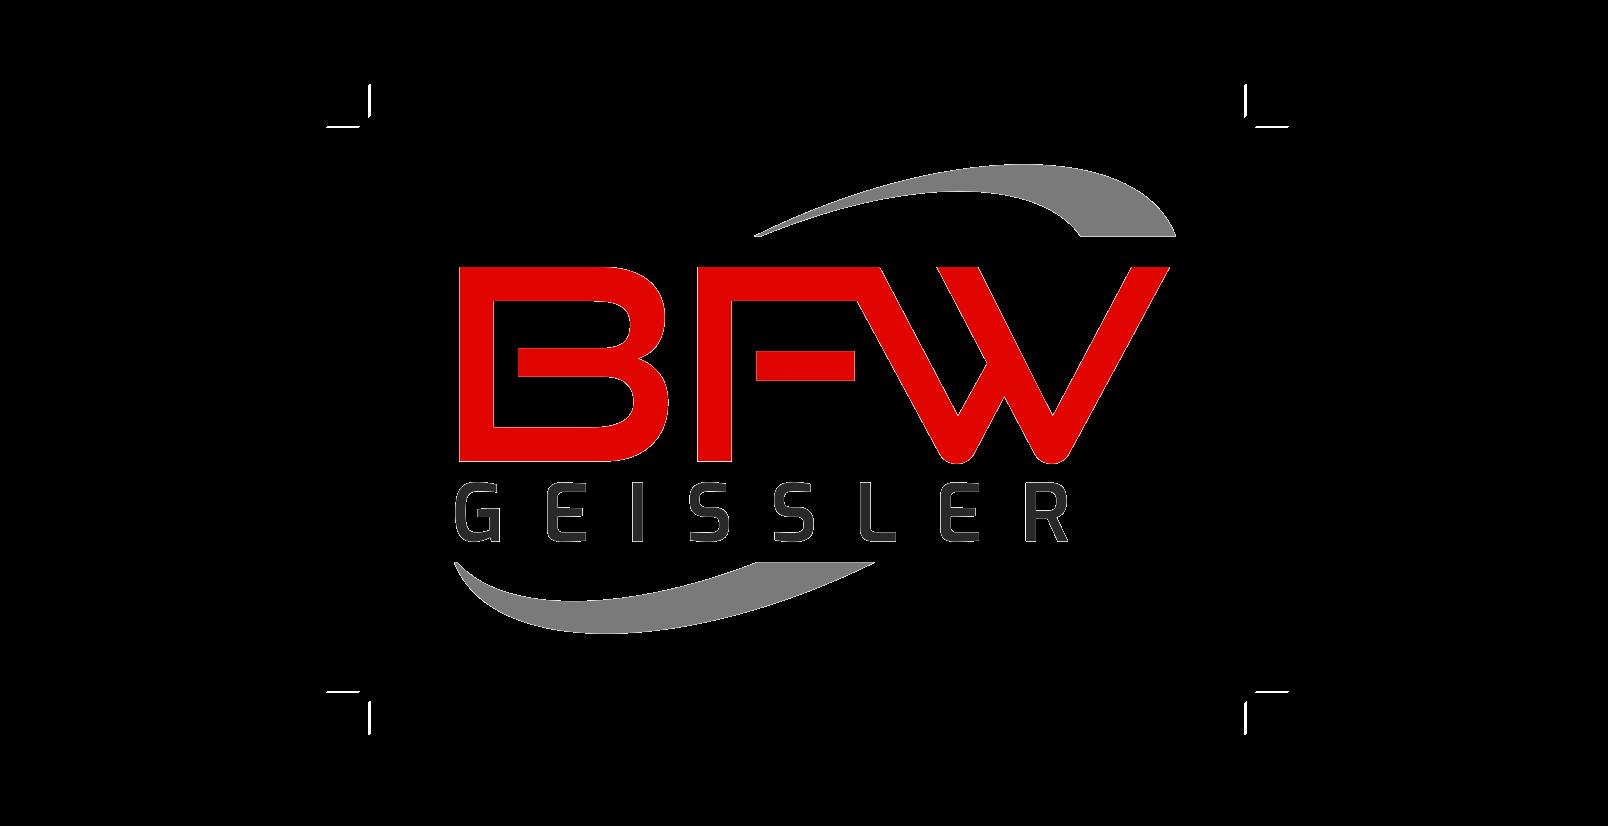 bfw geissler online portal. Black Bedroom Furniture Sets. Home Design Ideas